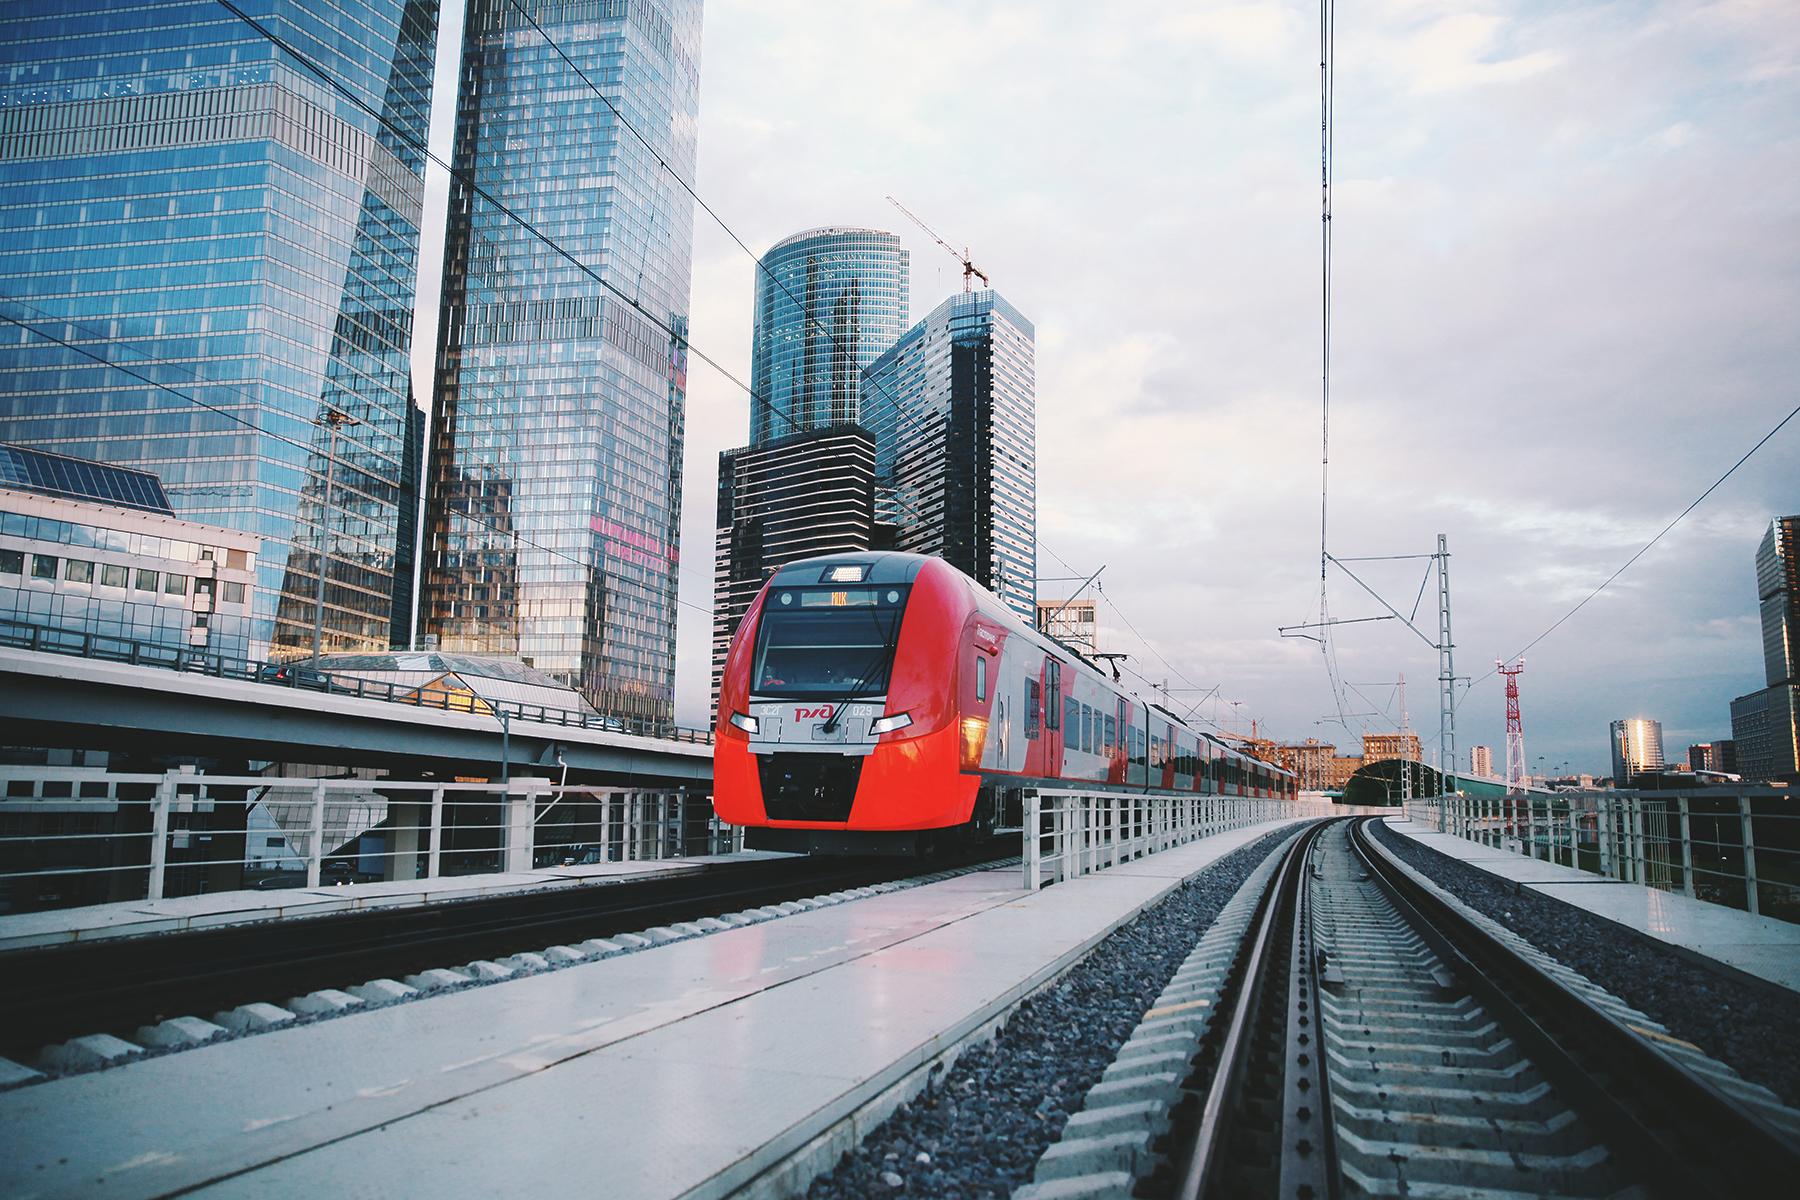 Неменее 2,5 млн. человек перевезли поезда наМосковском основном кольце